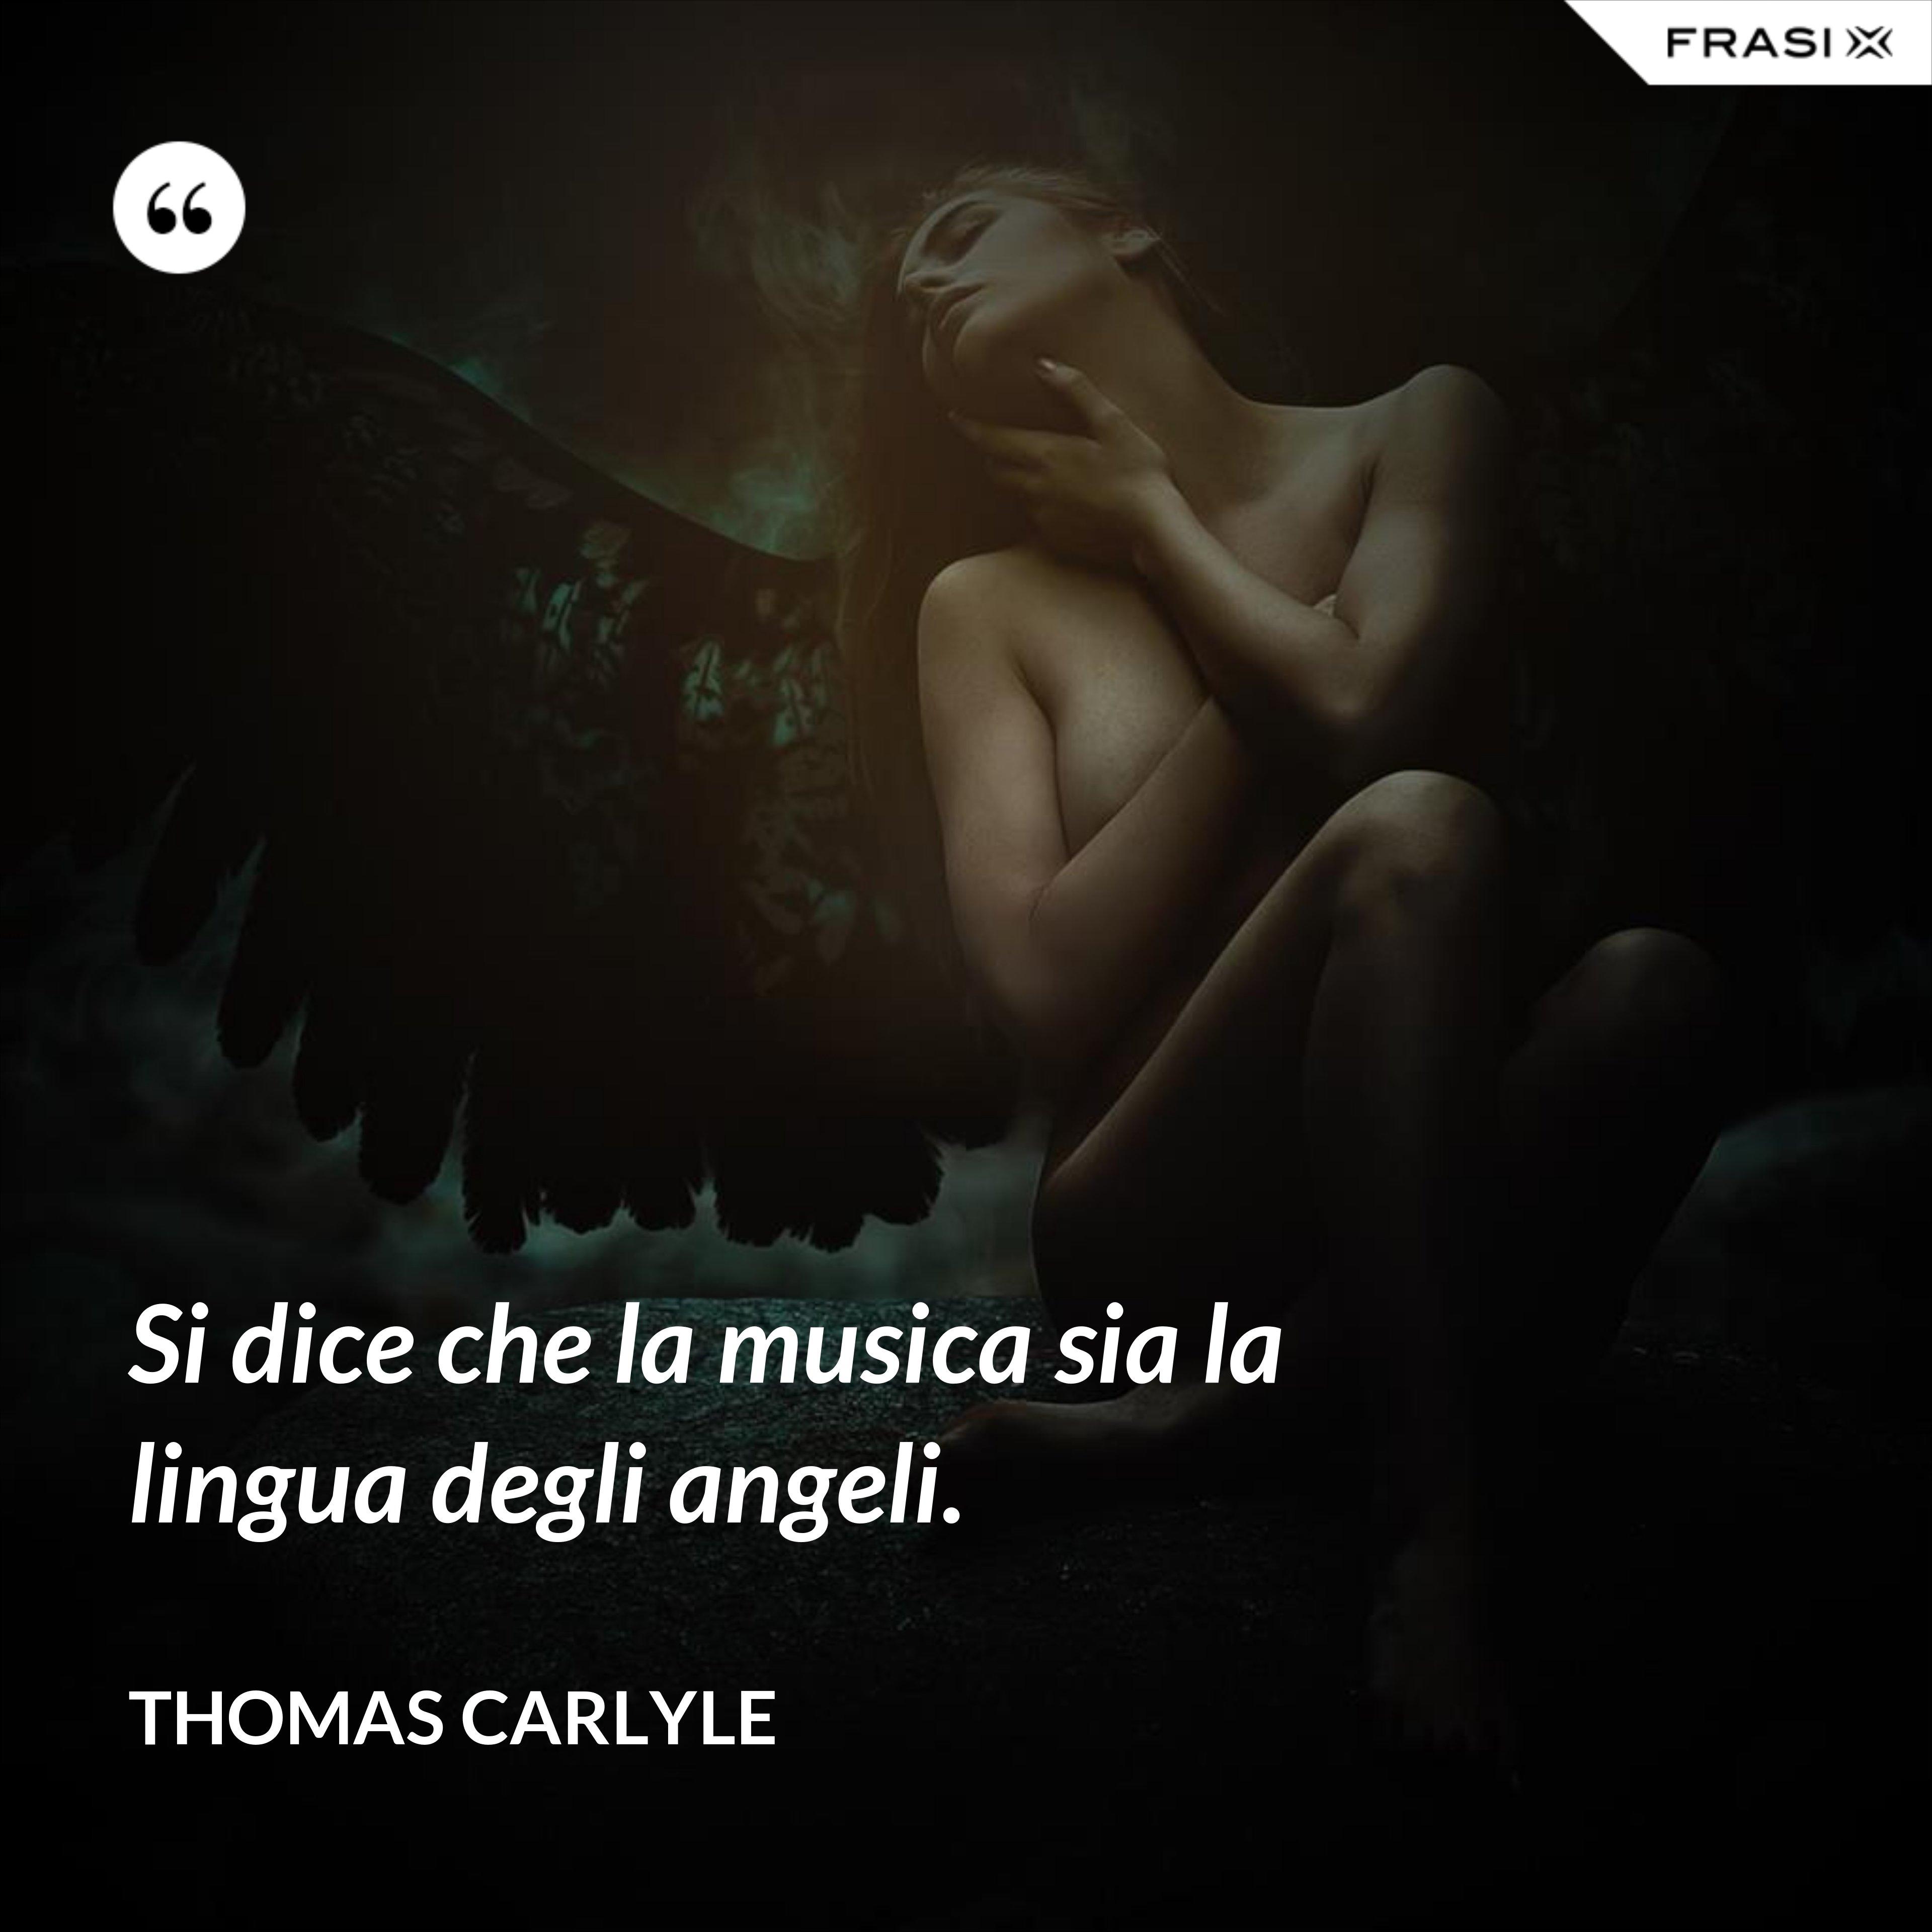 Si dice che la musica sia la lingua degli angeli. - Thomas Carlyle